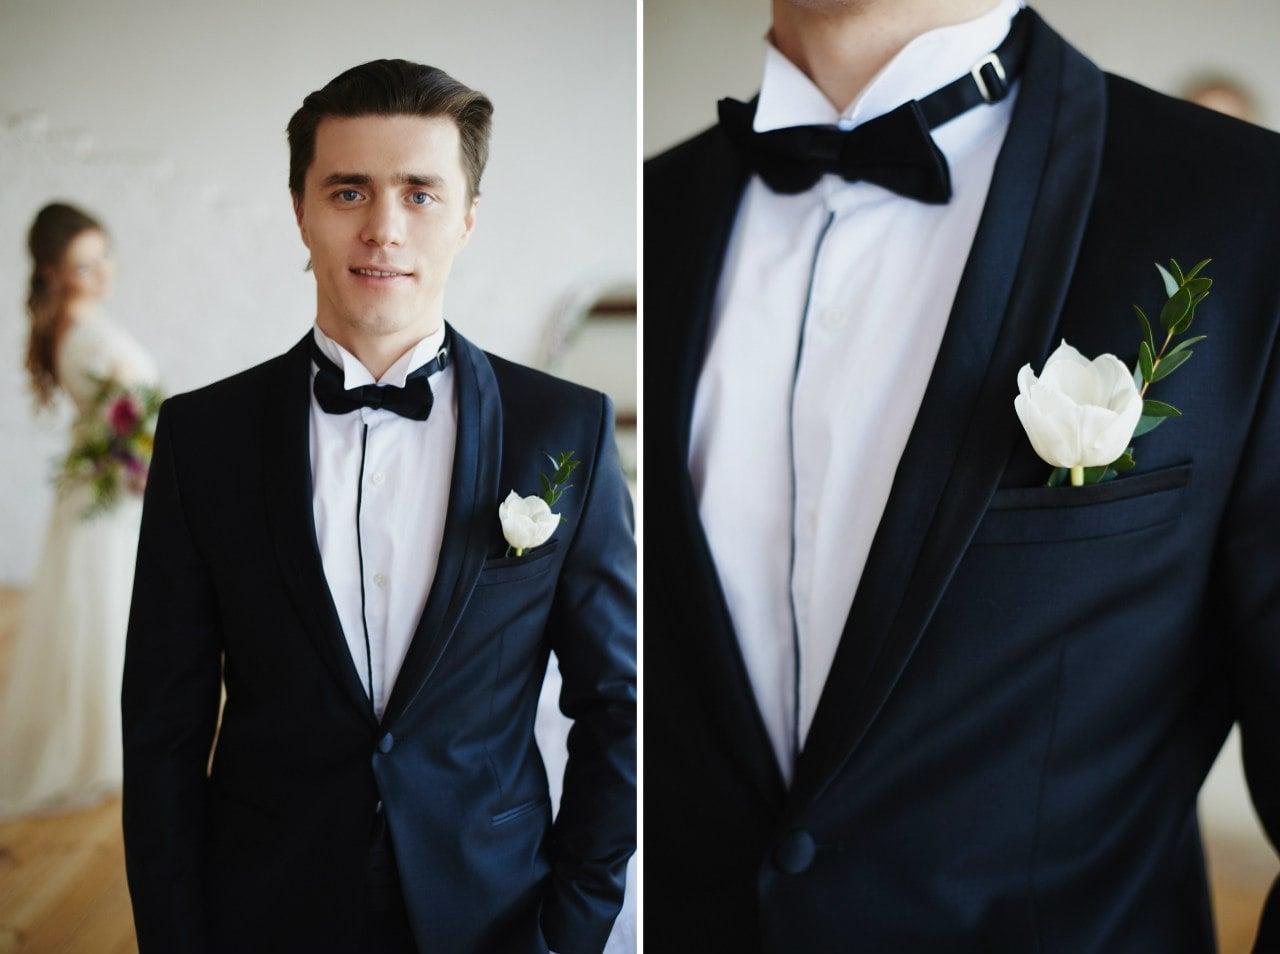 Короткие мужские прически на свадьбу фото свадебных стрижек для жениха 54